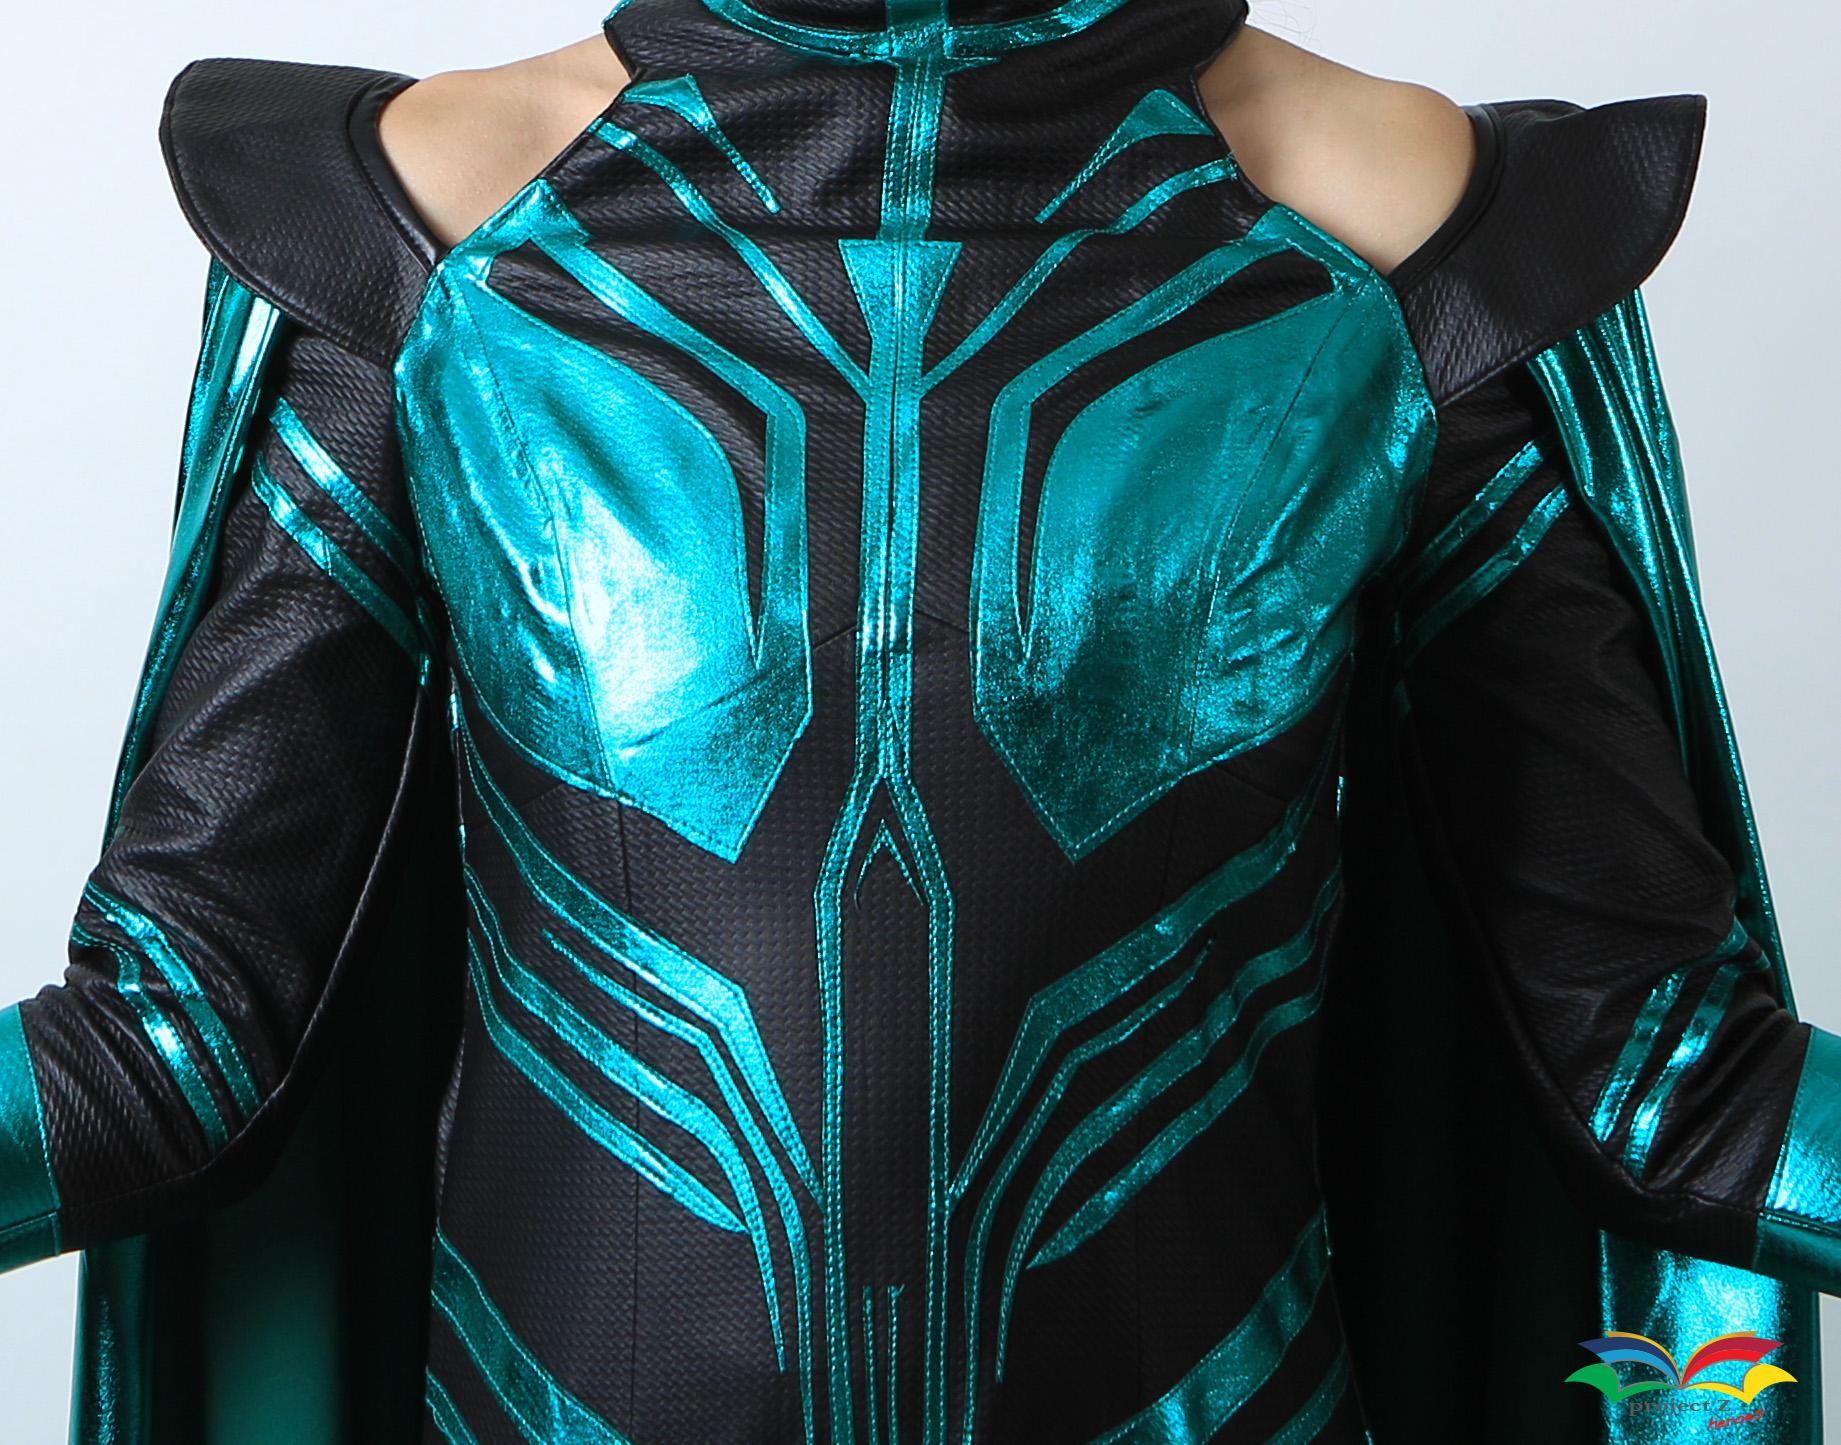 Hela costume texture closeup